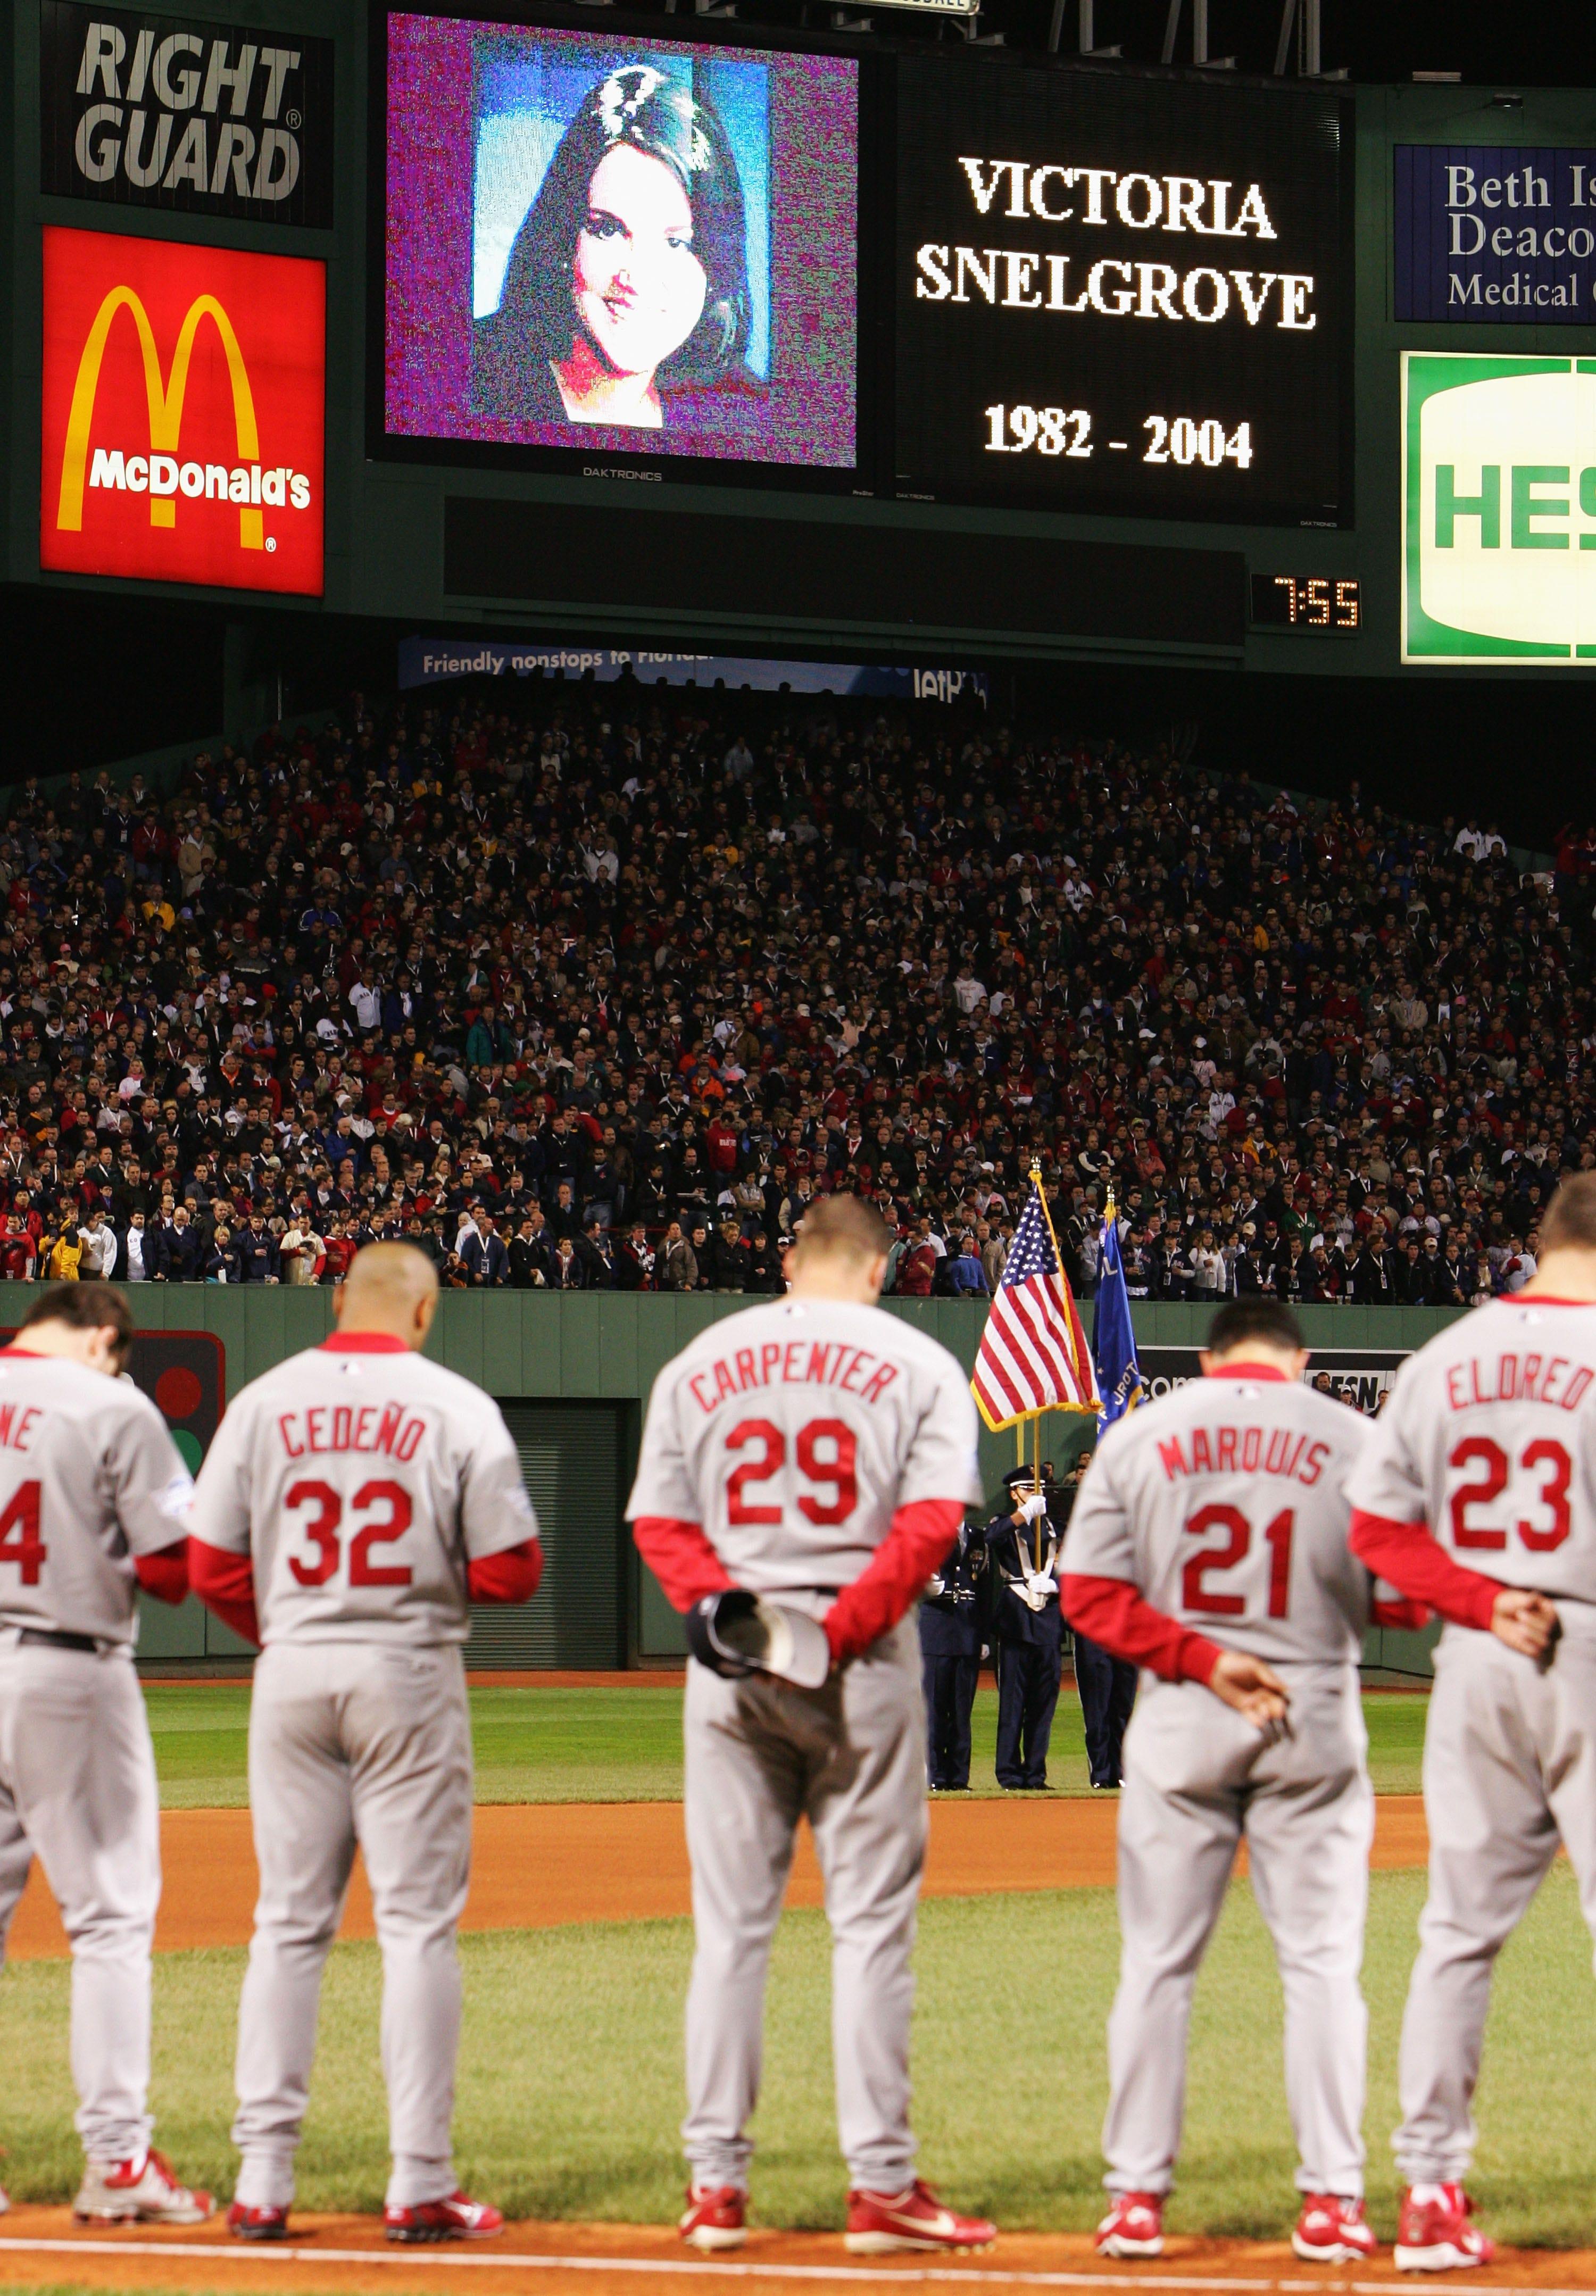 May 2005, Boston